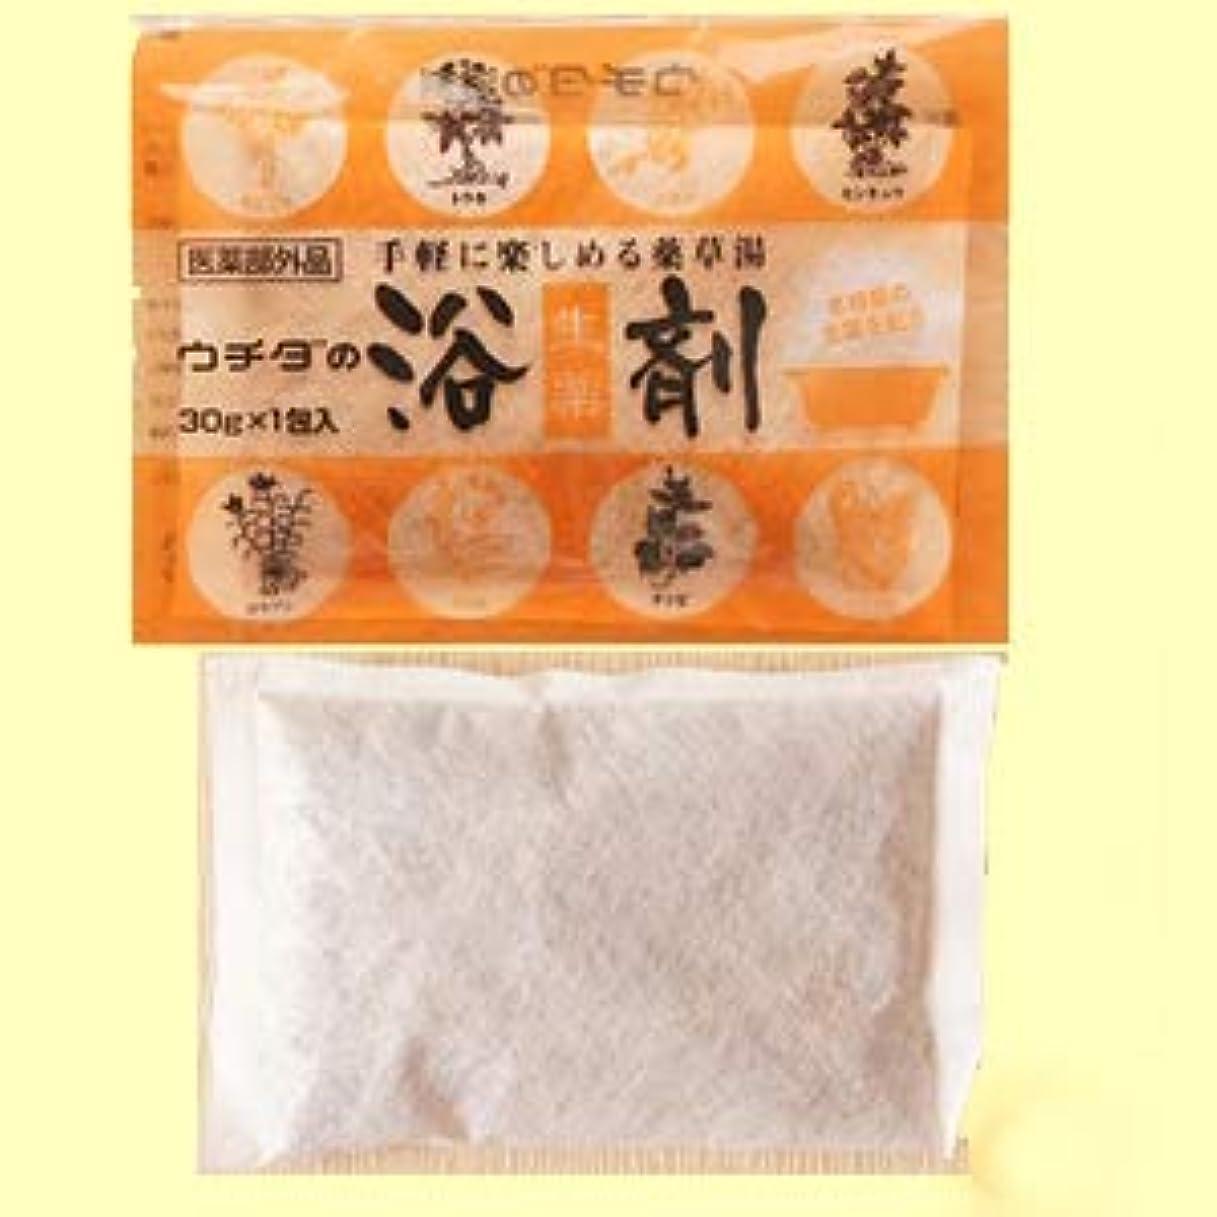 内陸酸化物潜むウチダの浴剤 30g×3包